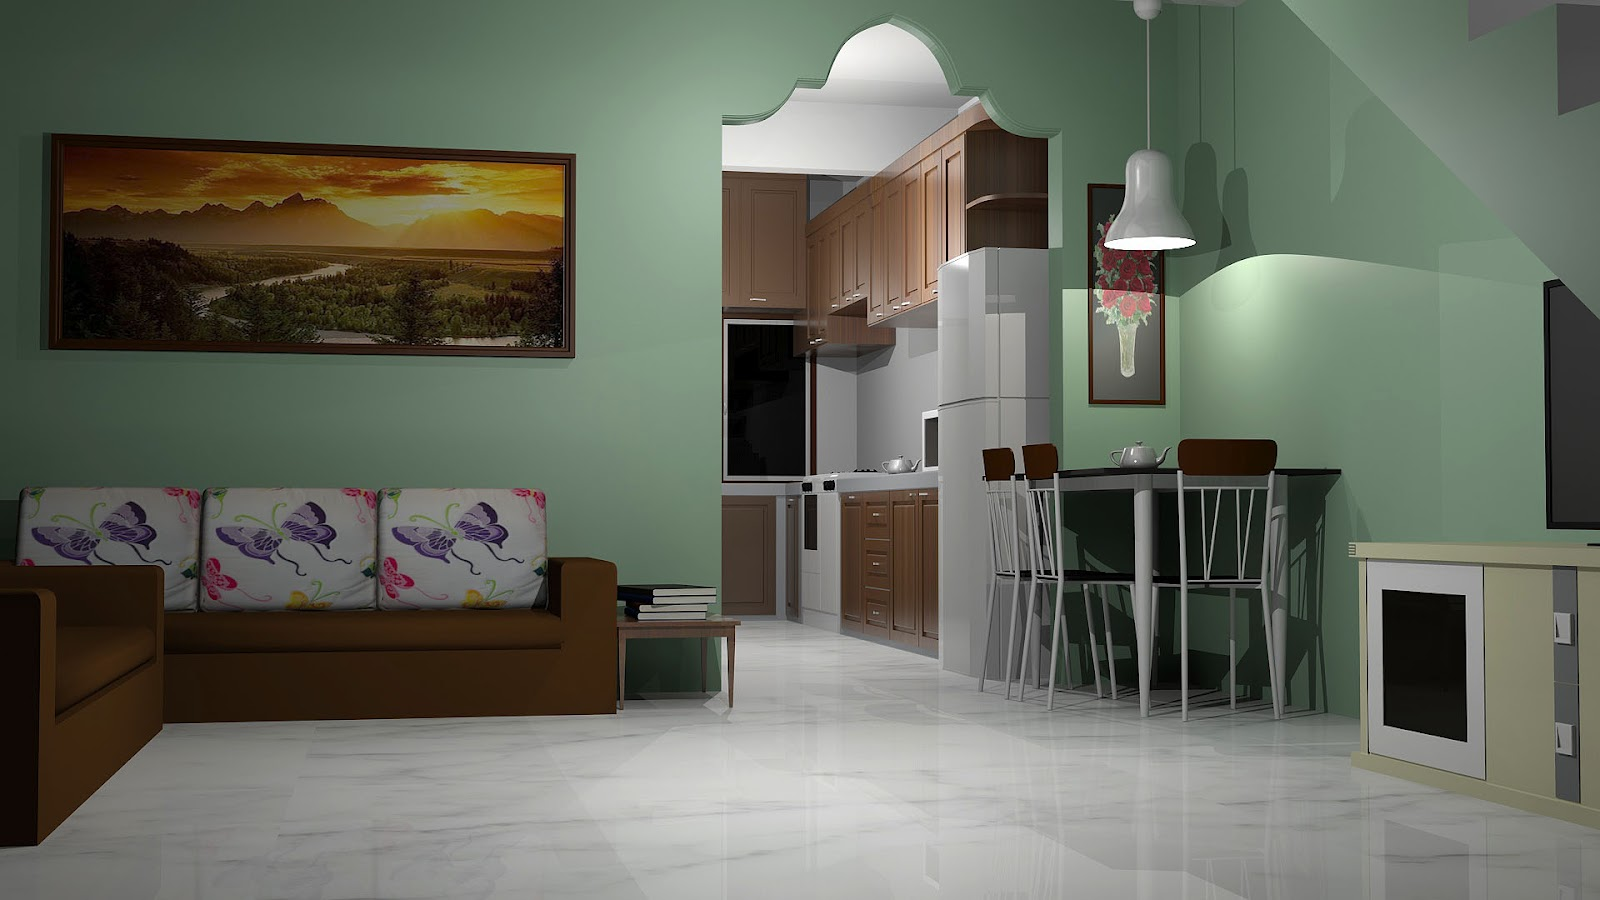 Ini Adalah Rupa Rumah Asal Ada Satu Bilik Dibahagian Dapur Bukaannya A 14 Kaki Ruang Tamunya Bersambung Dengan Makan Dan Di